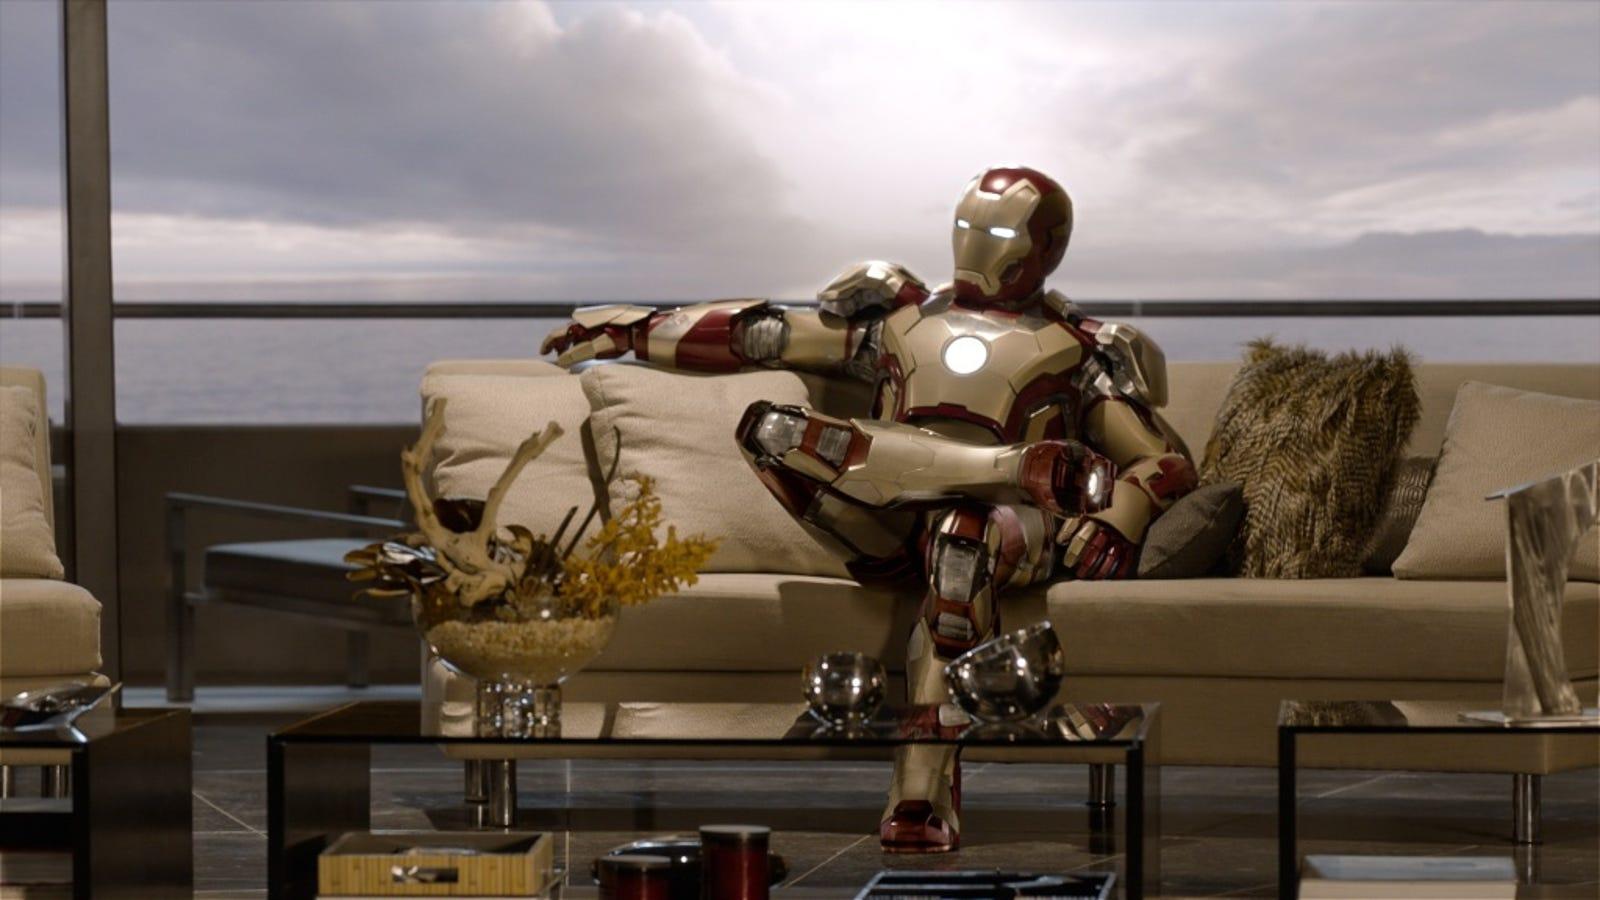 ¿Cuánto dinero cuesta ser Iron Man?